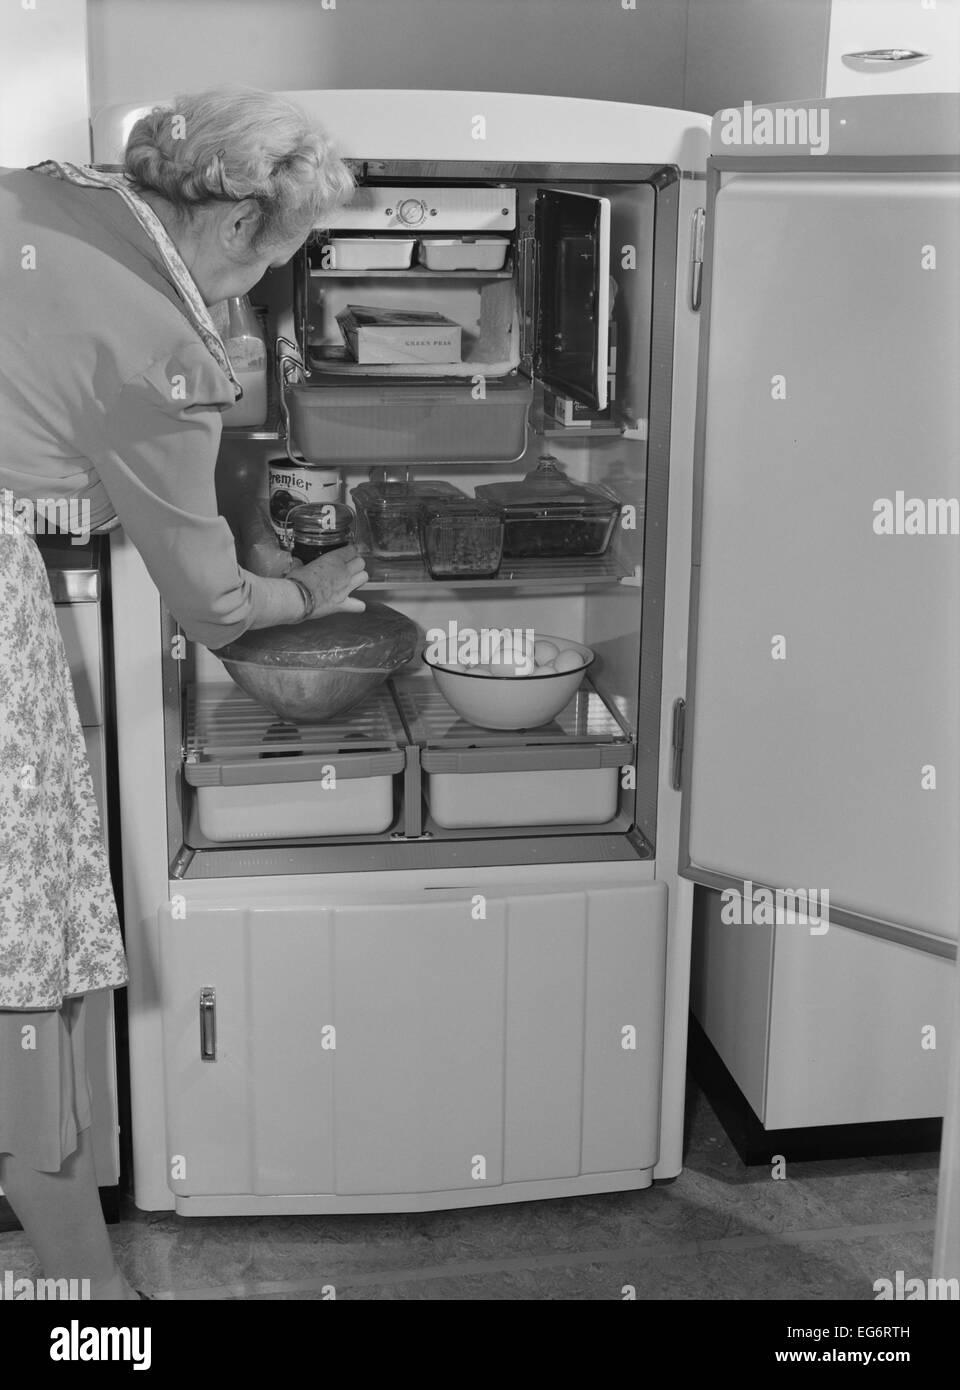 Innenraum der 1940er Jahre Kühlschrank verfügt über ein kleines ...